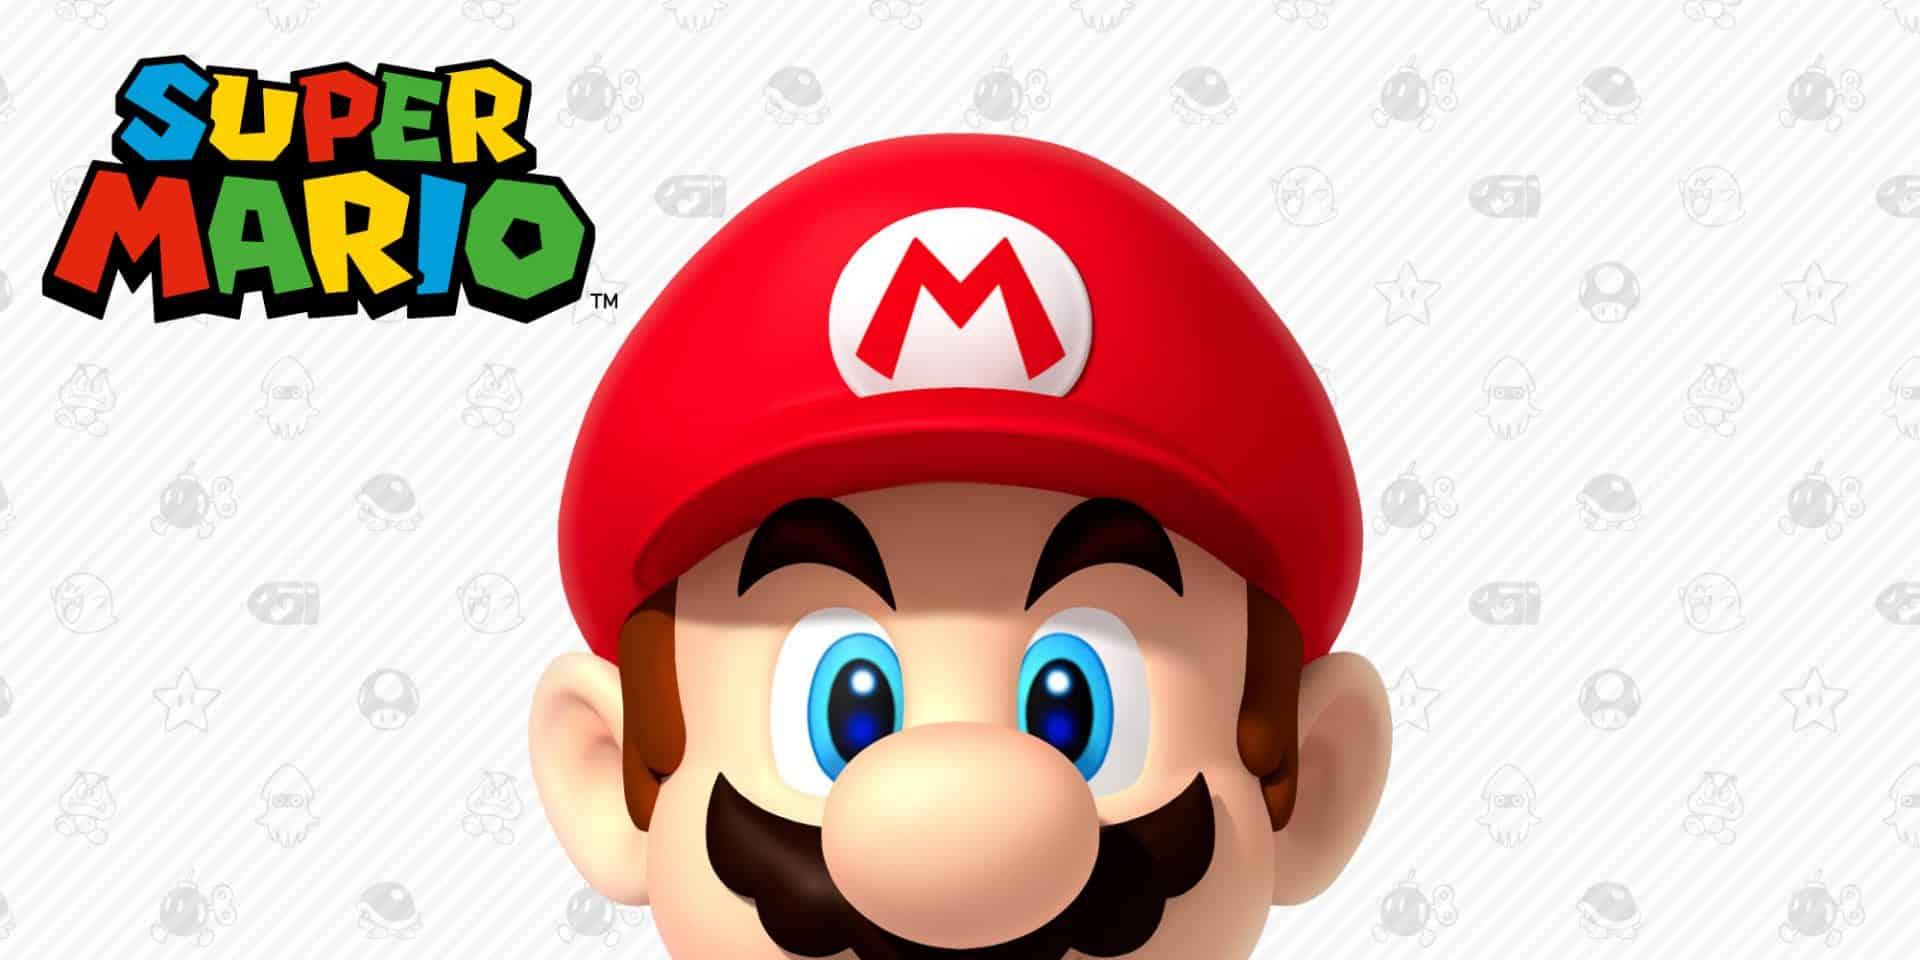 Mario Bros - Origem, história, curiosidades e jogos gratuitos da franquia